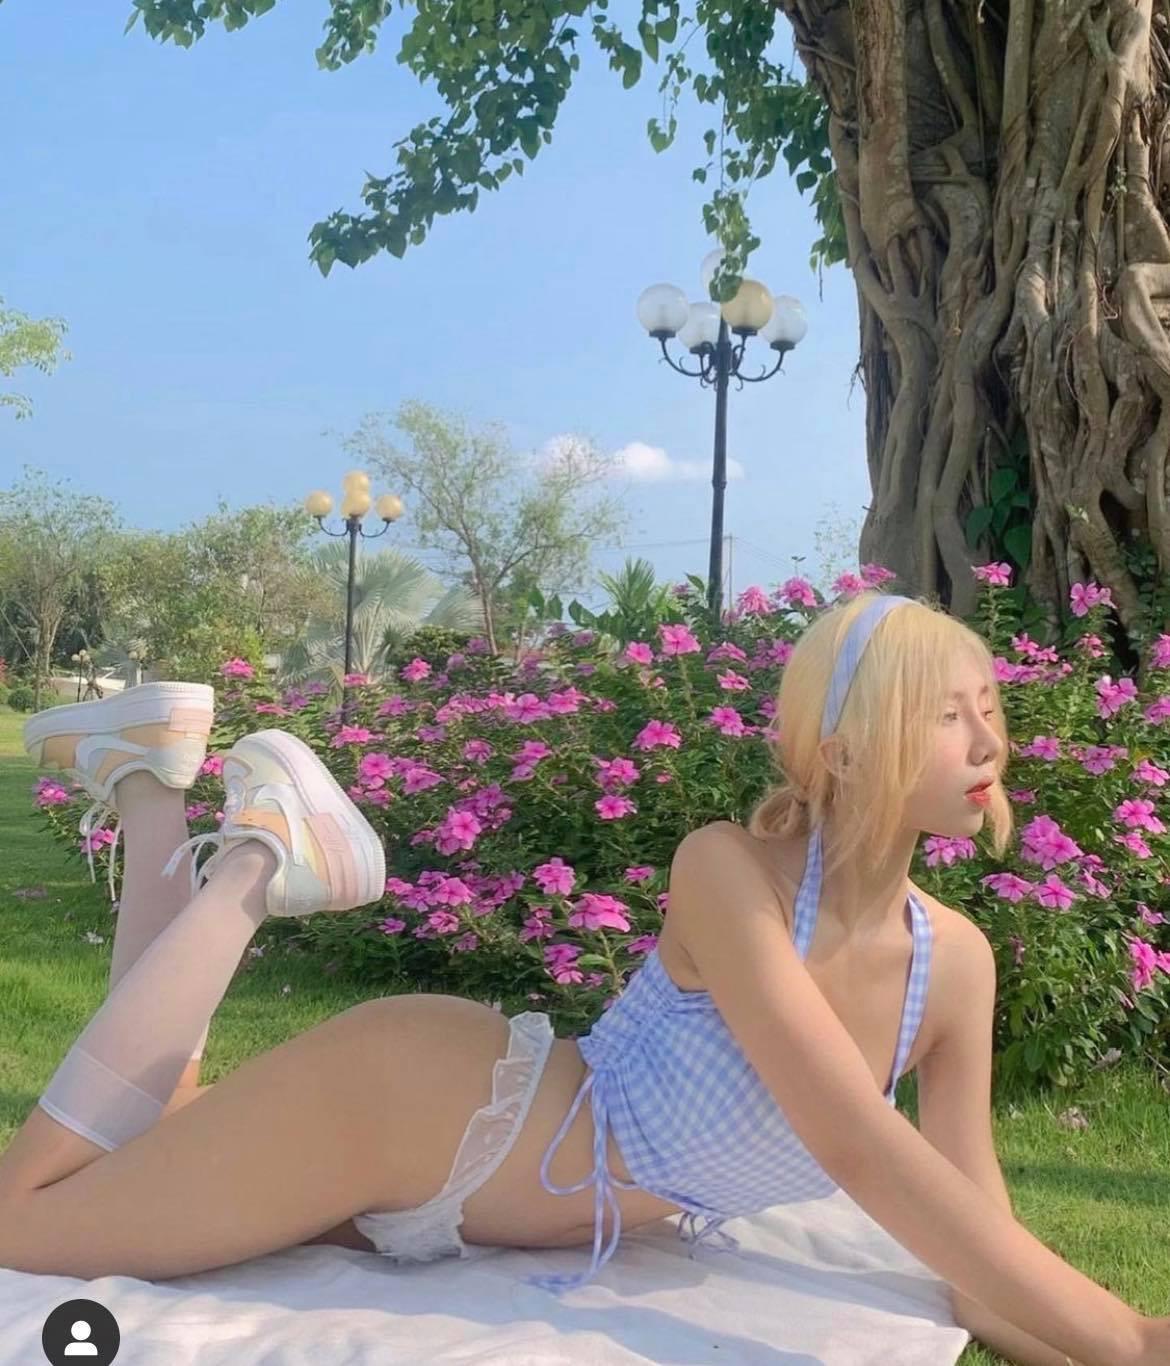 Chụp nội y giữa vườn chè ở Sơn La, mỹ nữ giấu mặt khoe nét gợi cảm hút mắt - 4